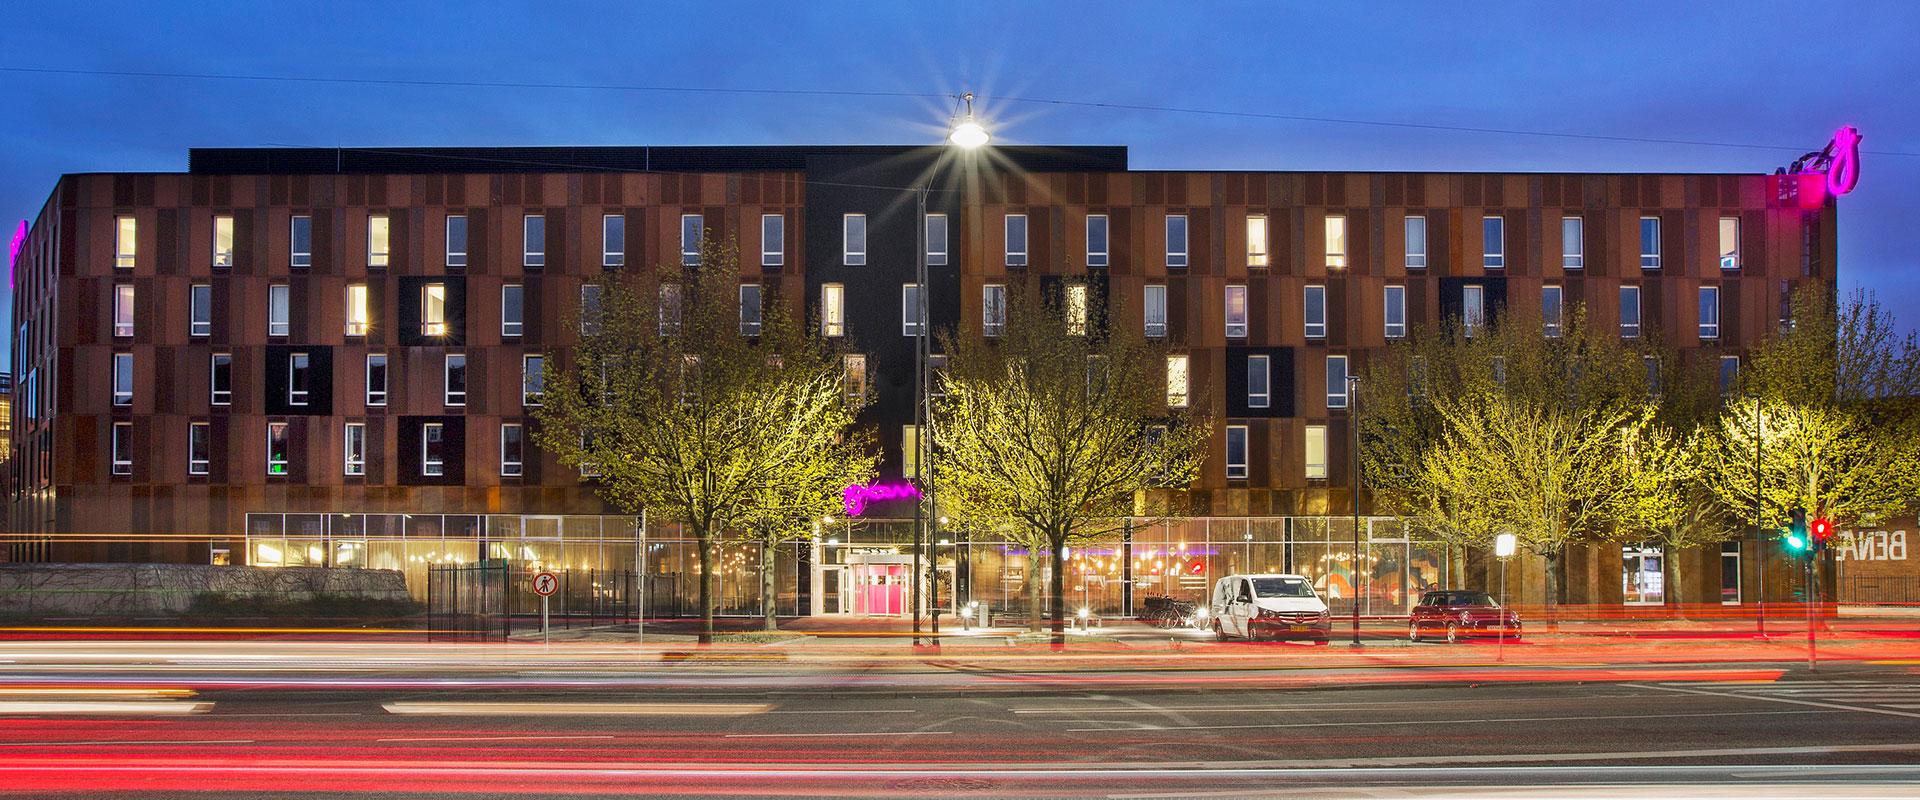 Hotel Moxy Copenhagen, anlægsarbejde, konstruktioner, brandrådgivning, Oluf Jørgensen